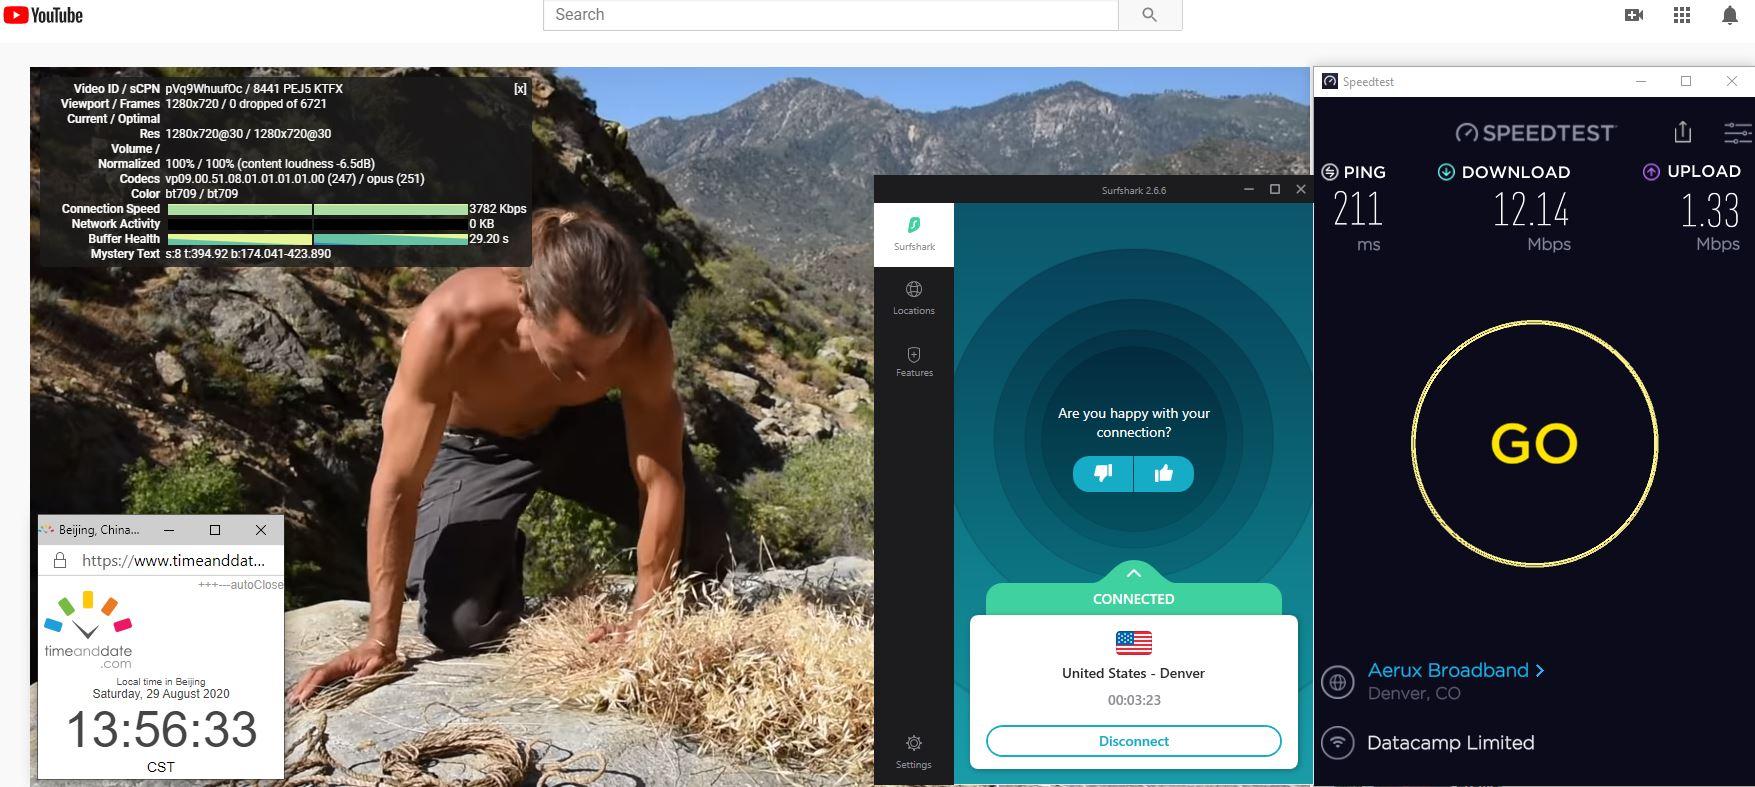 Windows10 SurfsharkVPN USA - Denver 中国VPN 翻墙 科学上网 翻墙速度测试 - 20200829